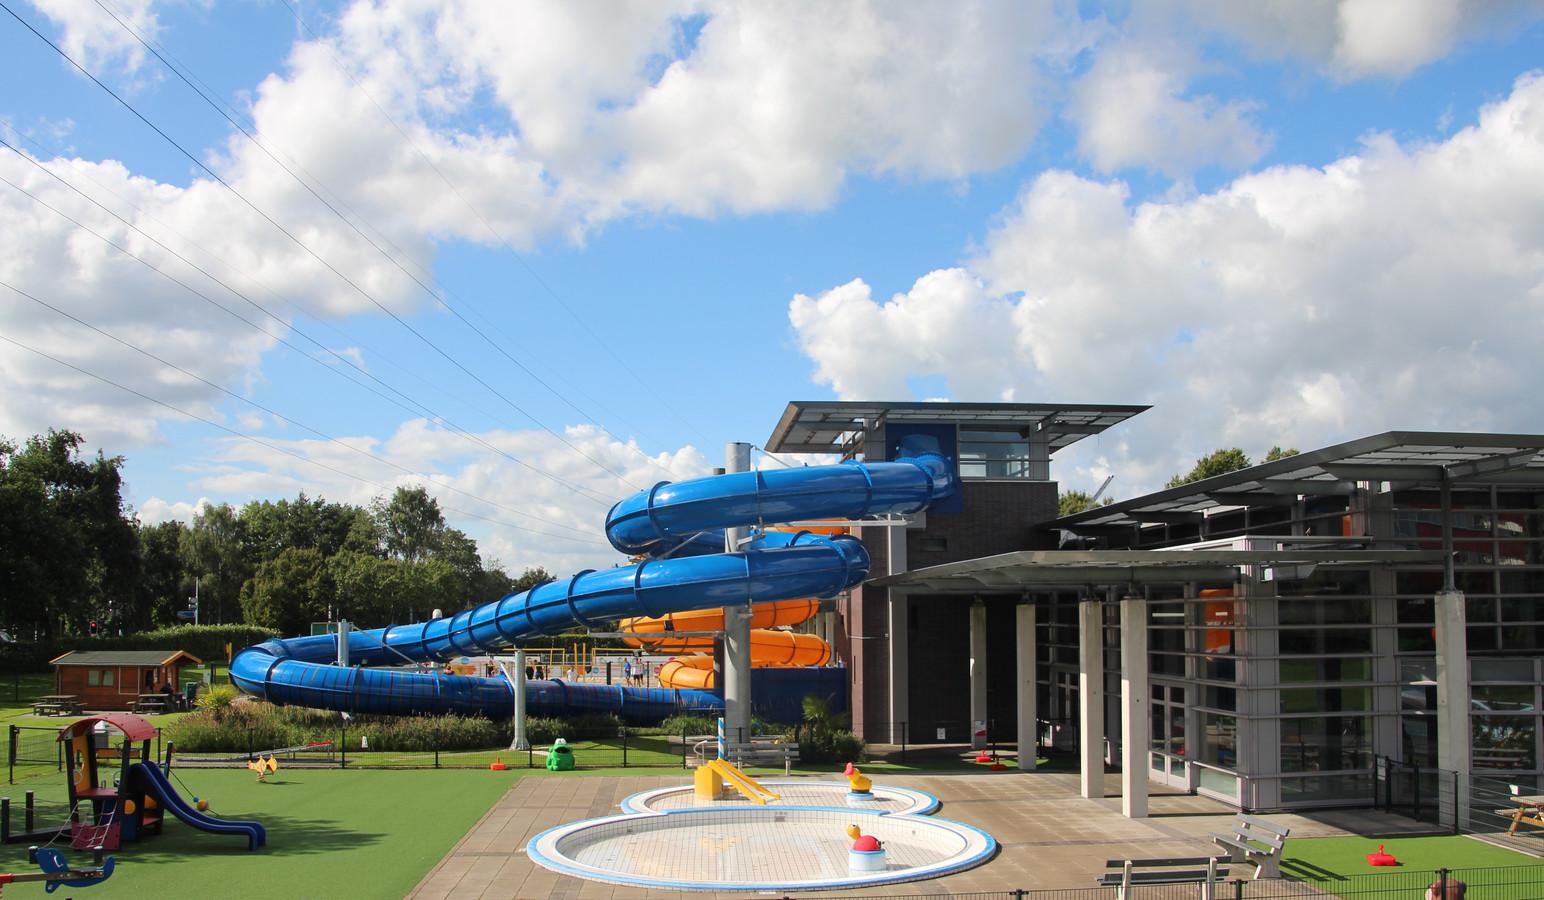 Record aantal bezoekers voor zwembad de vallei foto ad.nl